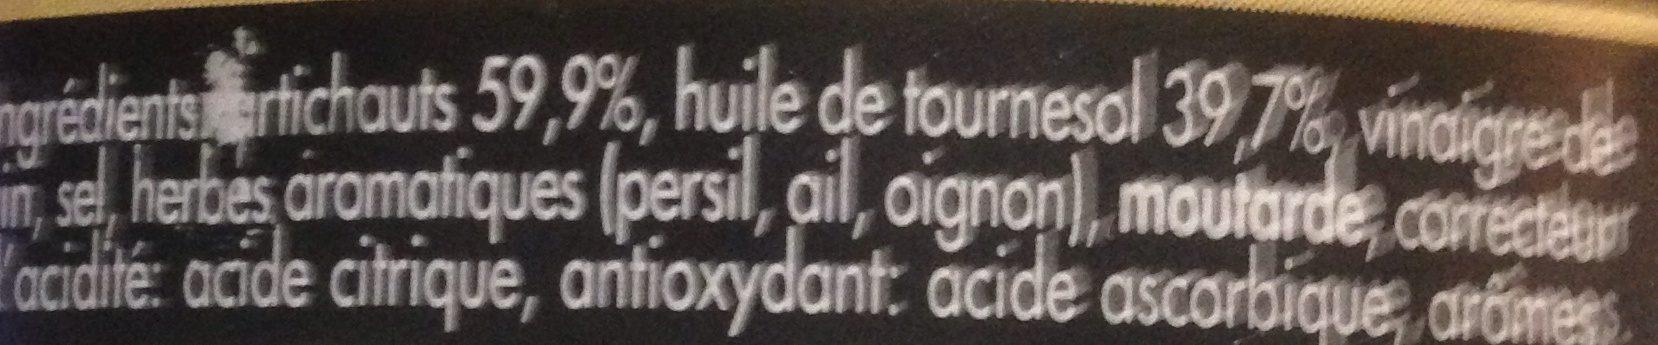 Coeurs d'artichauts à la paysanne - Ingrédients - fr